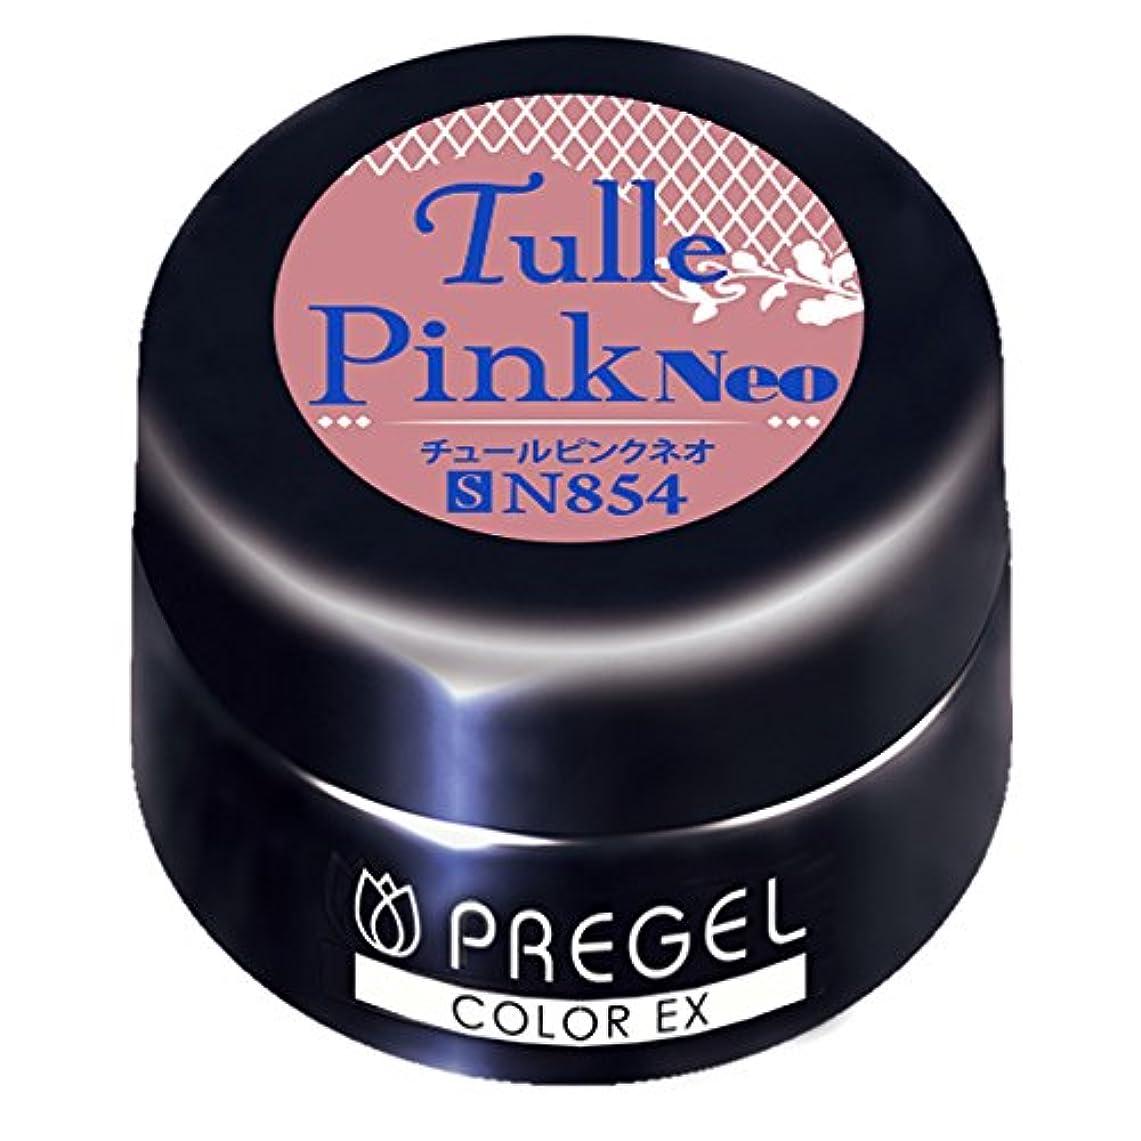 コットン権利を与えるあいにくPRE GEL カラーEX チュールピンクneo854 3g UV/LED対応